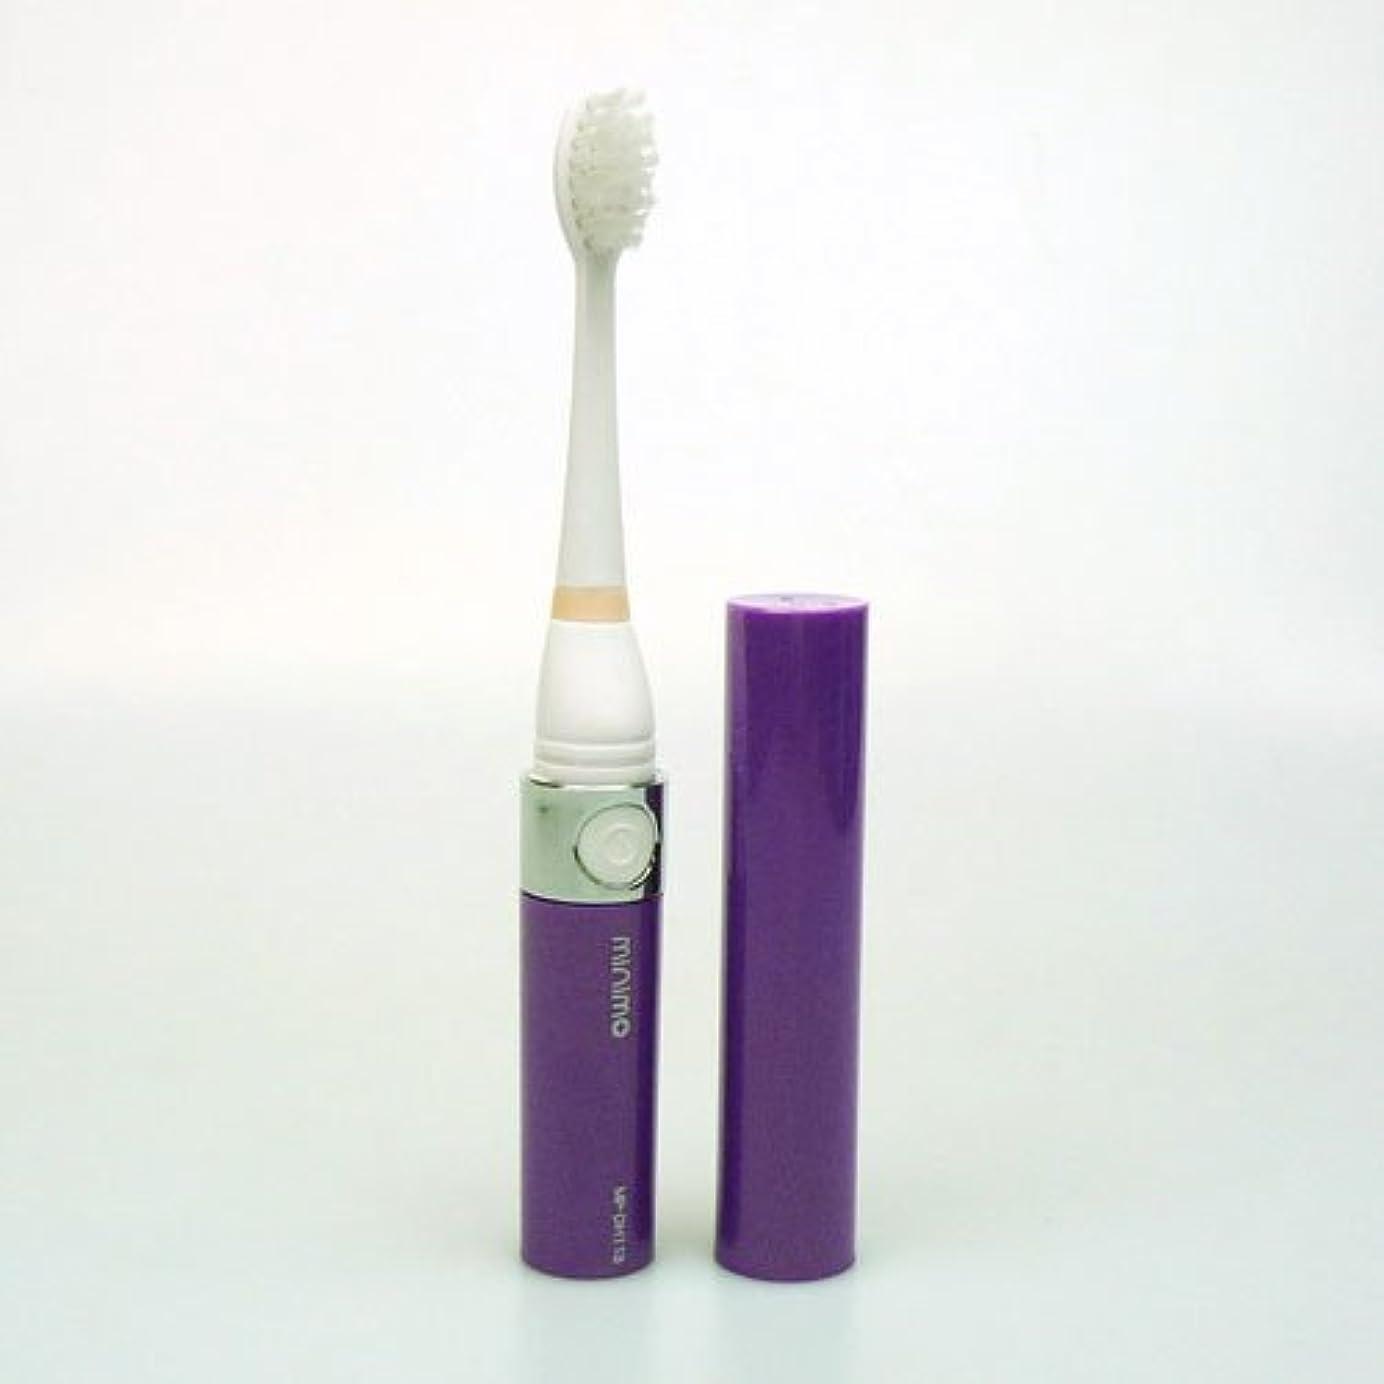 類人猿残り静めるmaruman 音波振動歯ブラシ minimo パープル MP-DH118PU